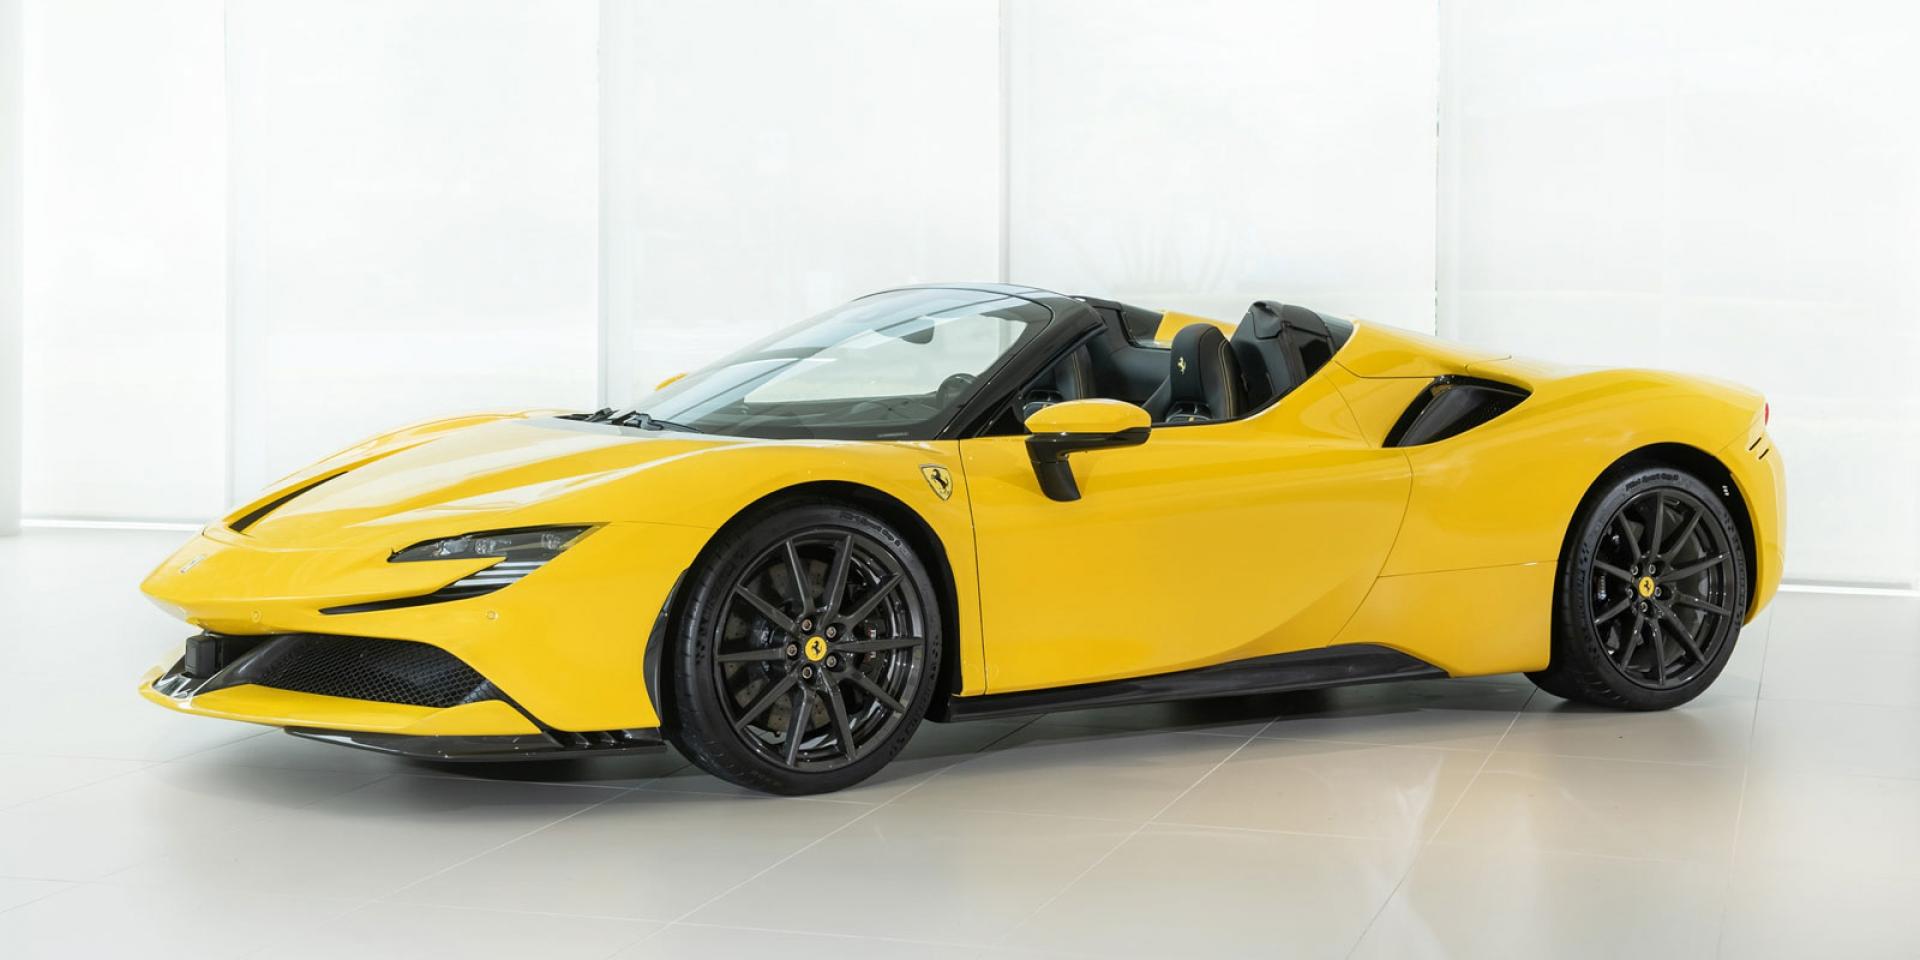 官方新聞稿。Ferrari SF90 Spider 史上性能最強悍的Ferrari法拉利量產敞篷跑車震撼登臺